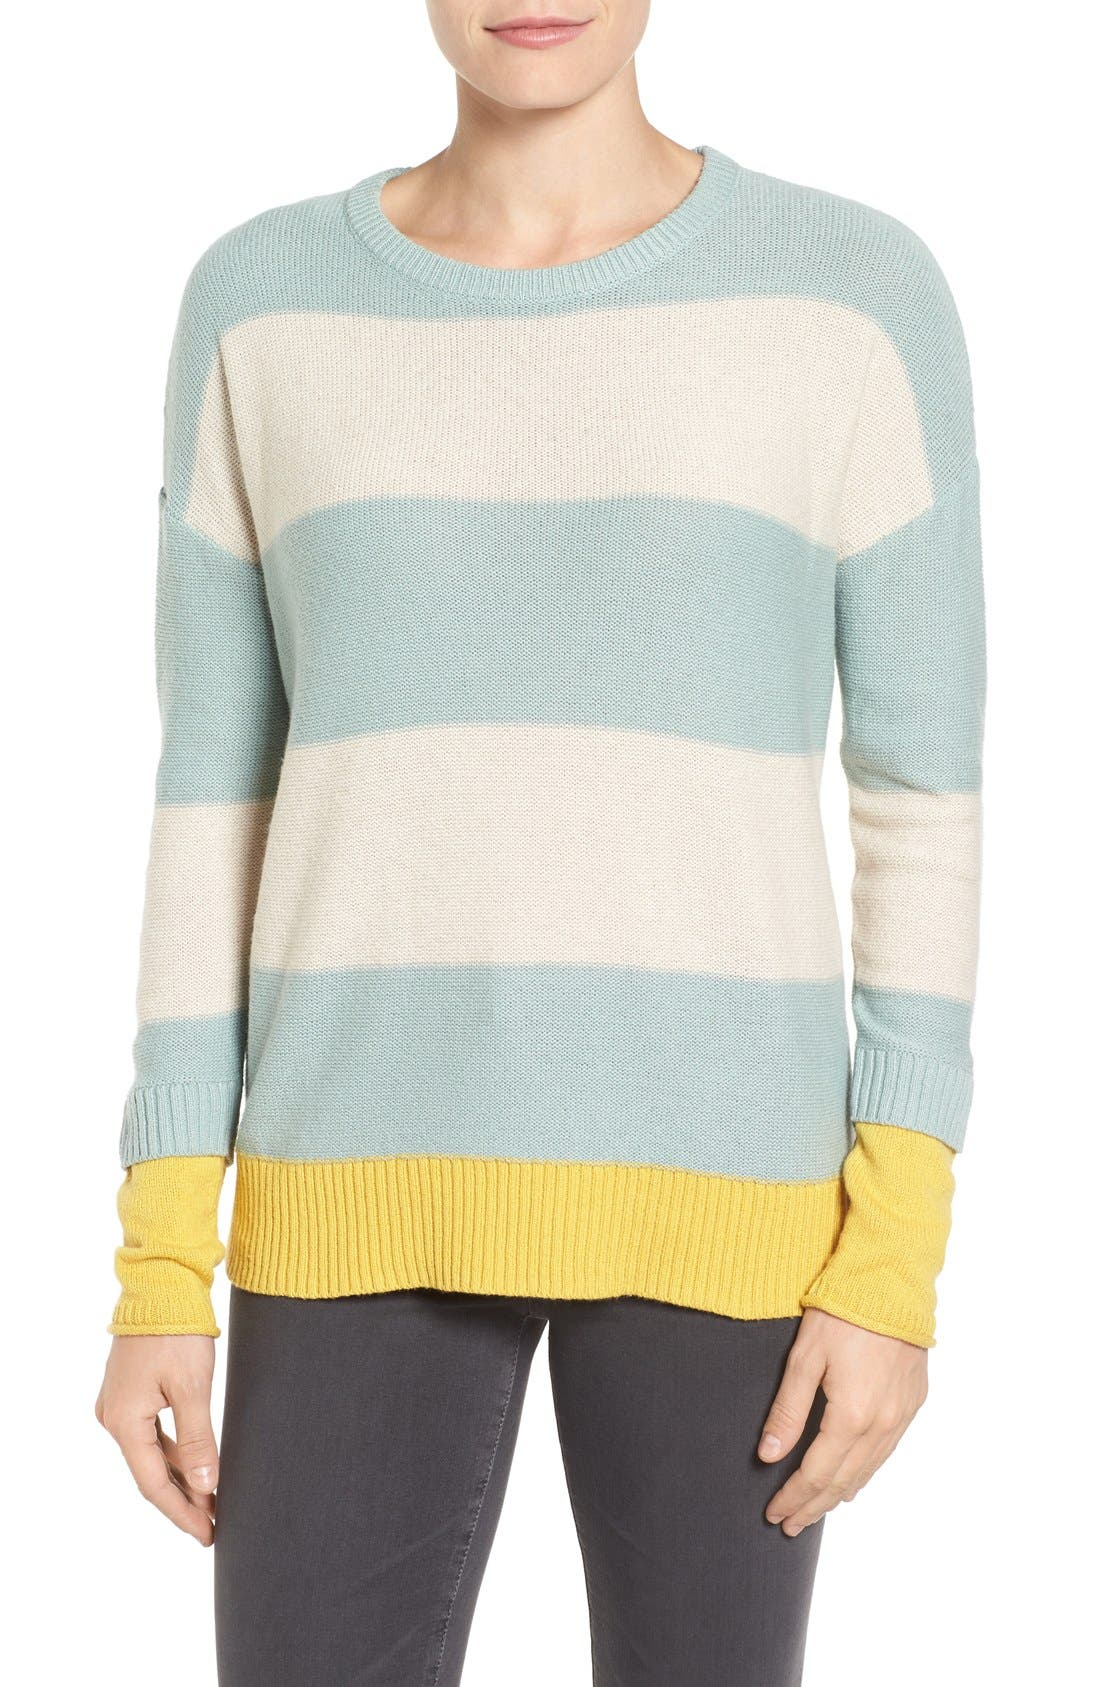 Contrast Cuff Crewneck Sweater,                         Main,                         color, Teal- Beige Oatmeal Stripe